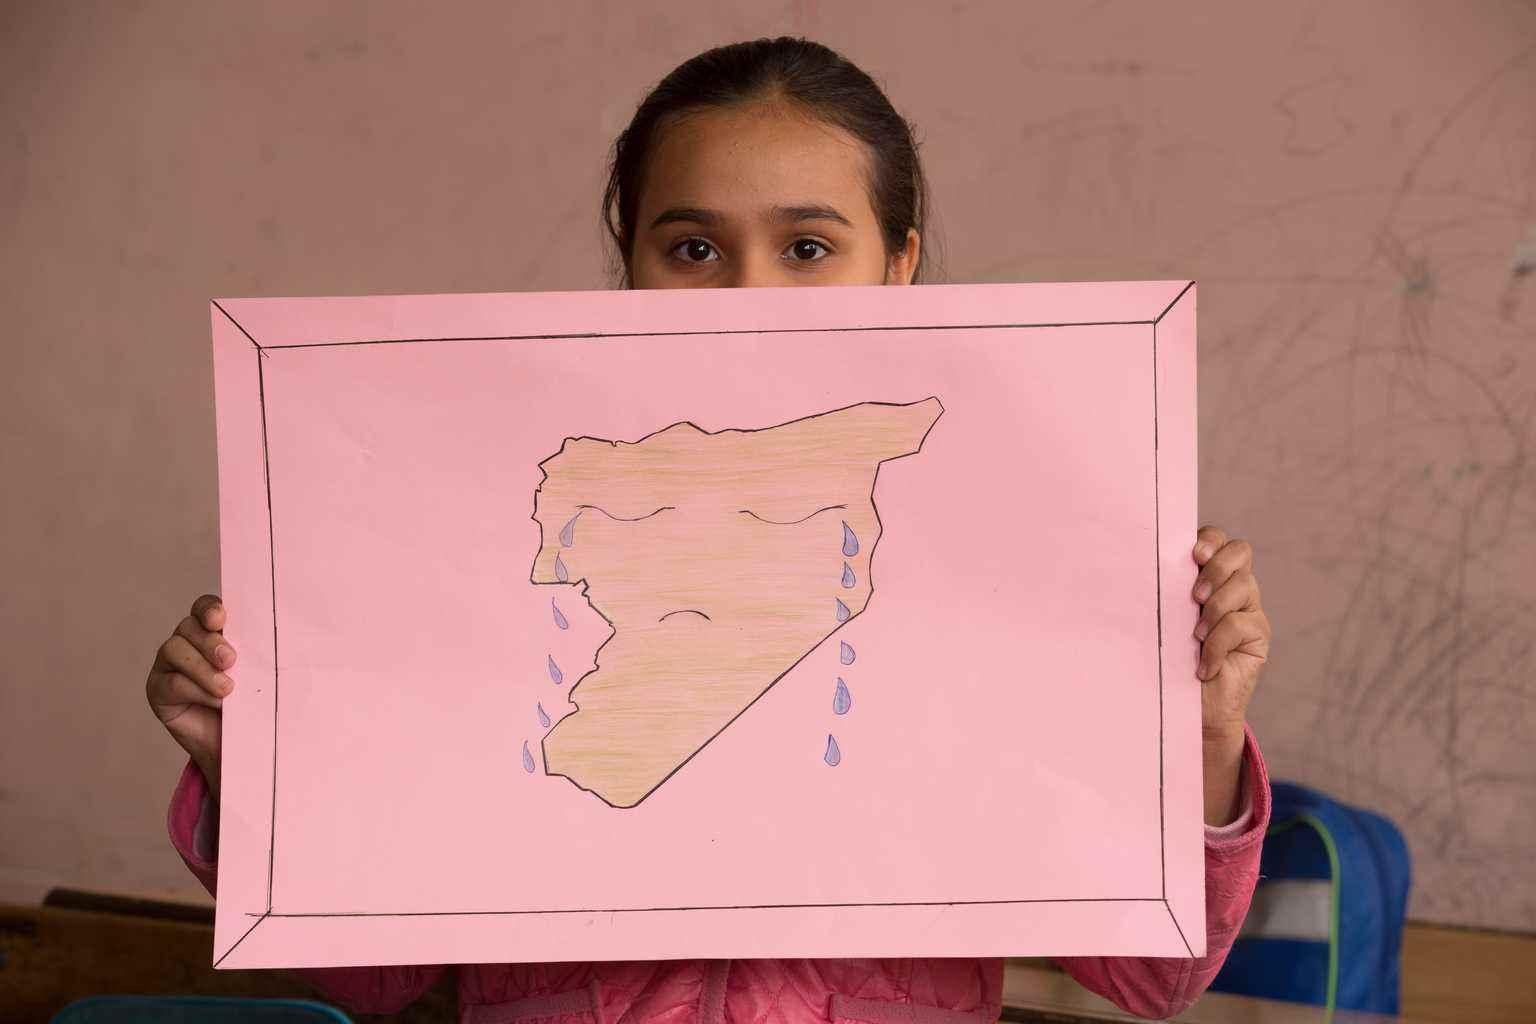 """قالت حنين، البالغة من العمر 11 عامًا، من خلال رسمتها""""سوريا حزينة لأن شعبها يقتل بعضهم بعضًا""""- كانون الأول 2016 (يونيسيف)"""